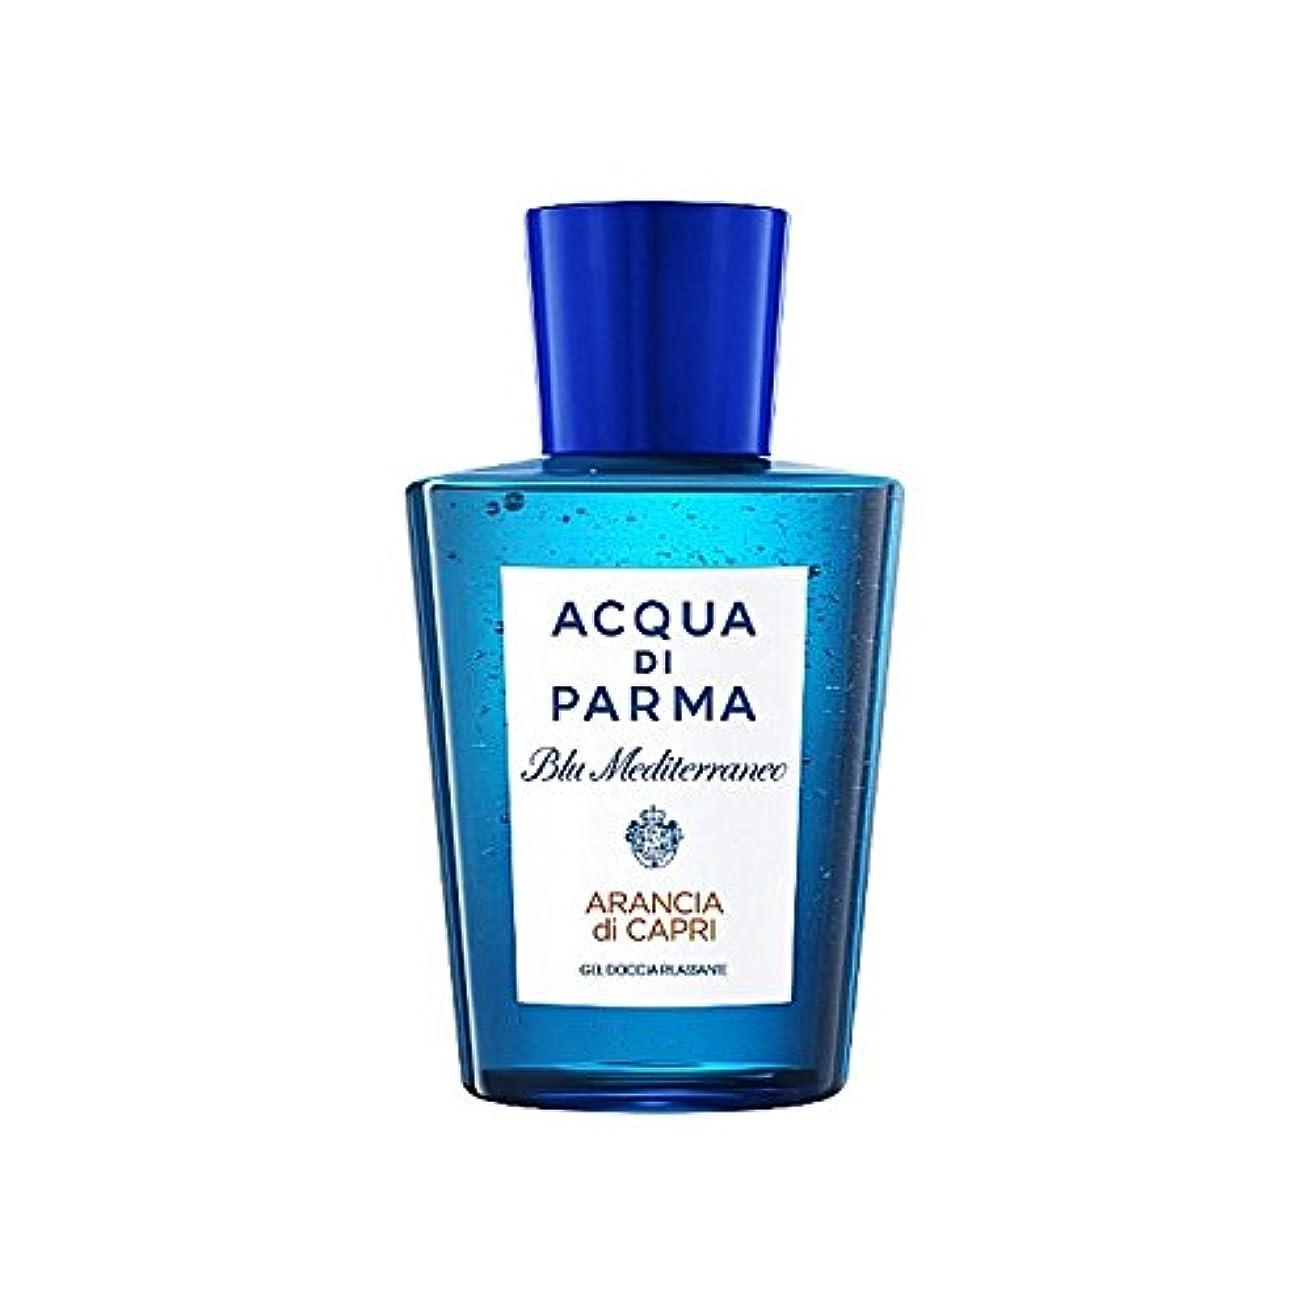 計り知れないエロチック充実アクアディパルマブルーメディのアランシアジカプリシャワージェル200 x4 - Acqua Di Parma Blu Mediterraneo Arancia Di Capri Shower Gel 200ml (Pack of 4) [並行輸入品]